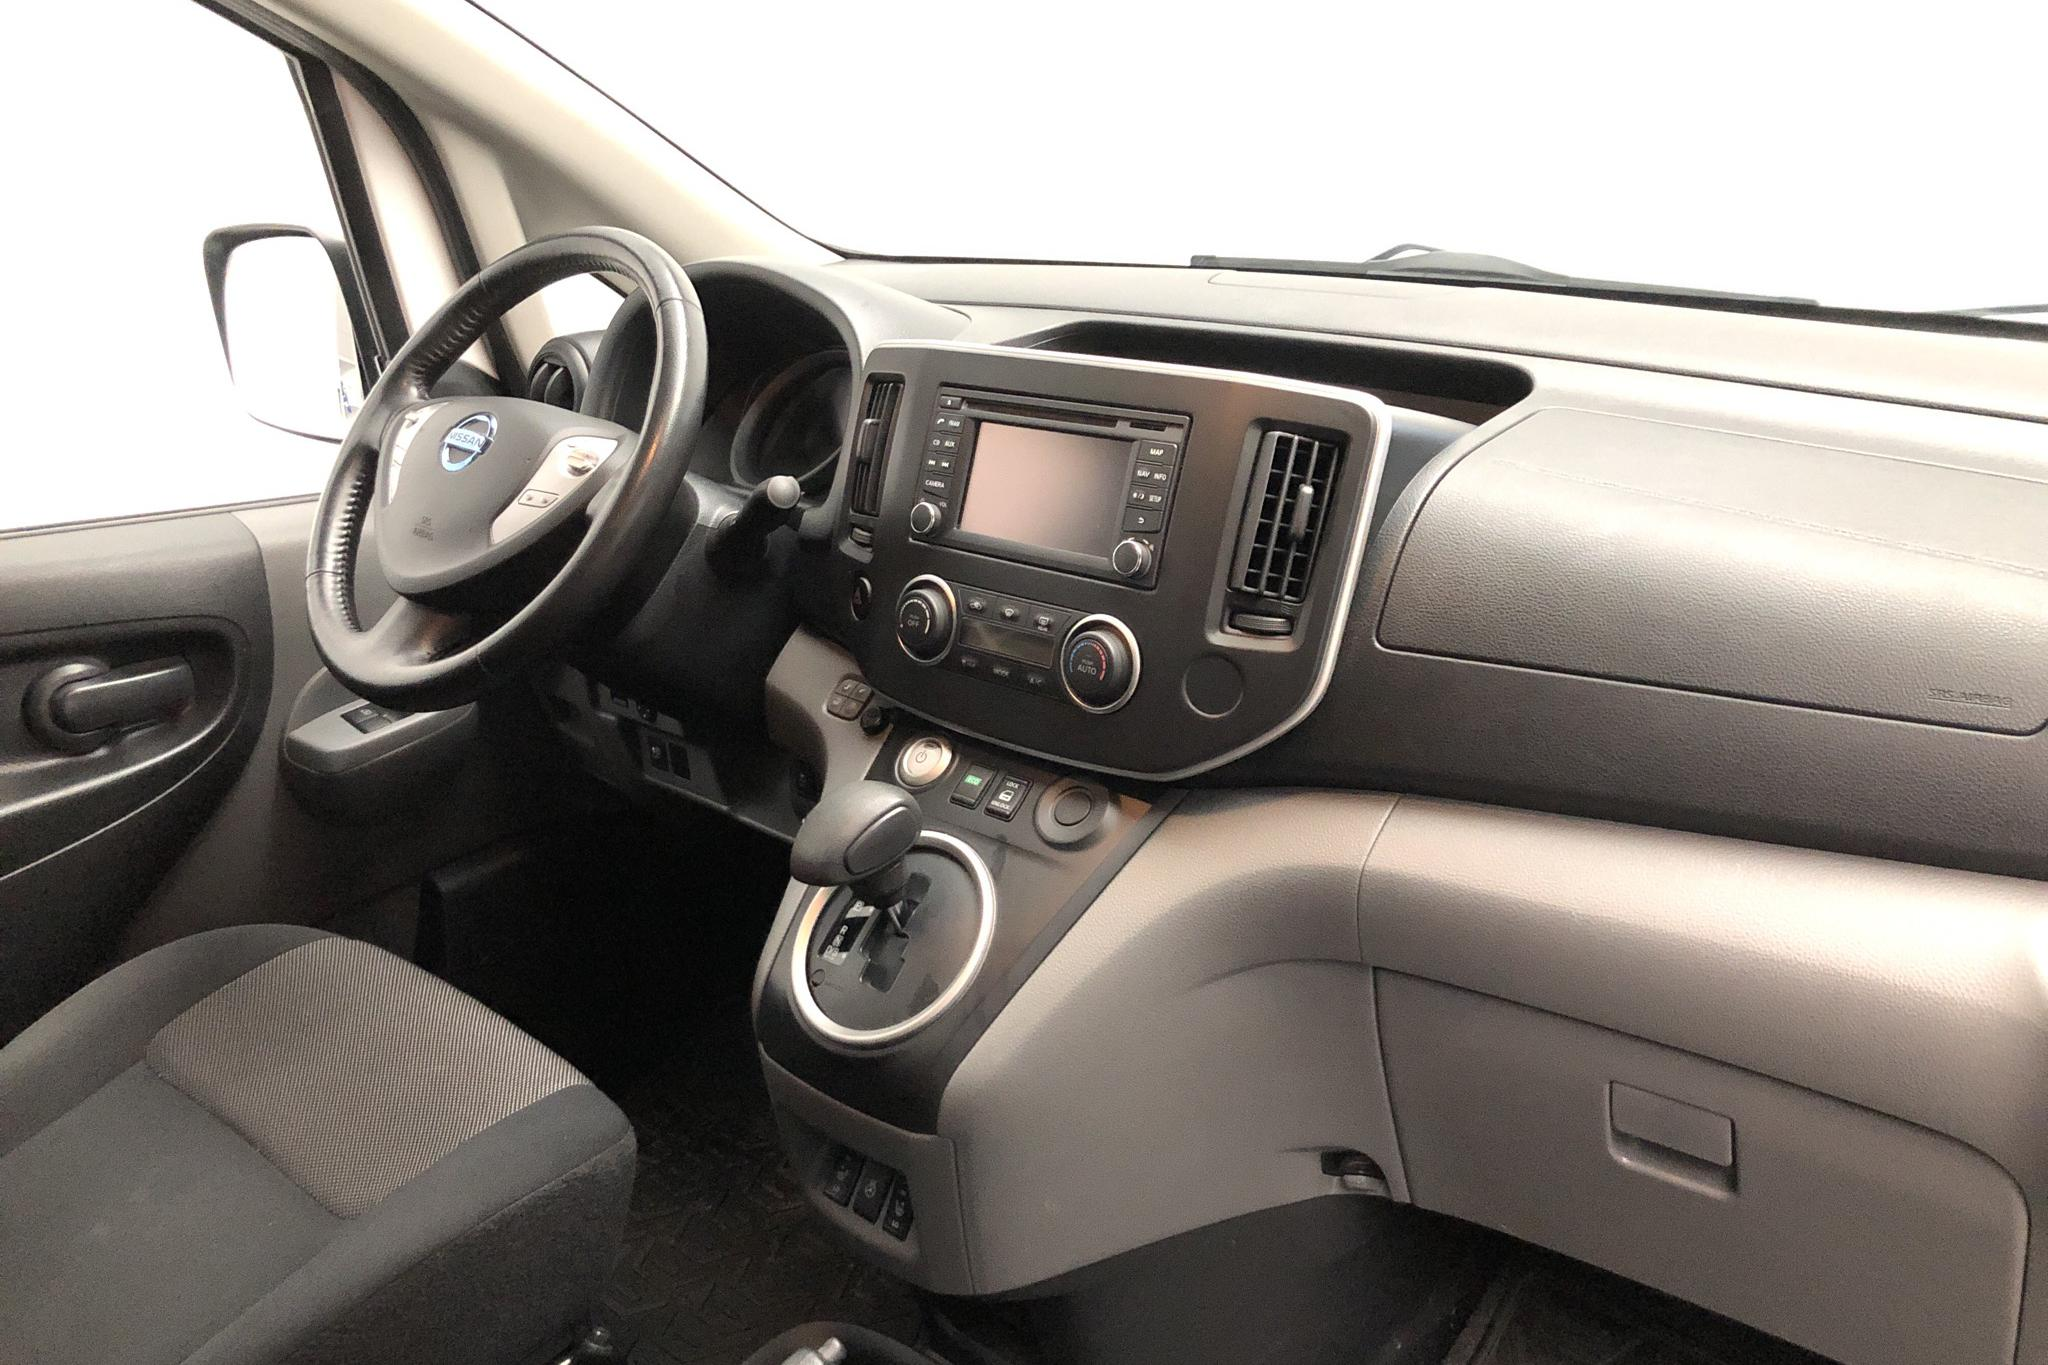 Nissan e-NV200 24,0 kWh (109hk) - 2 682 mil - Automat - vit - 2018